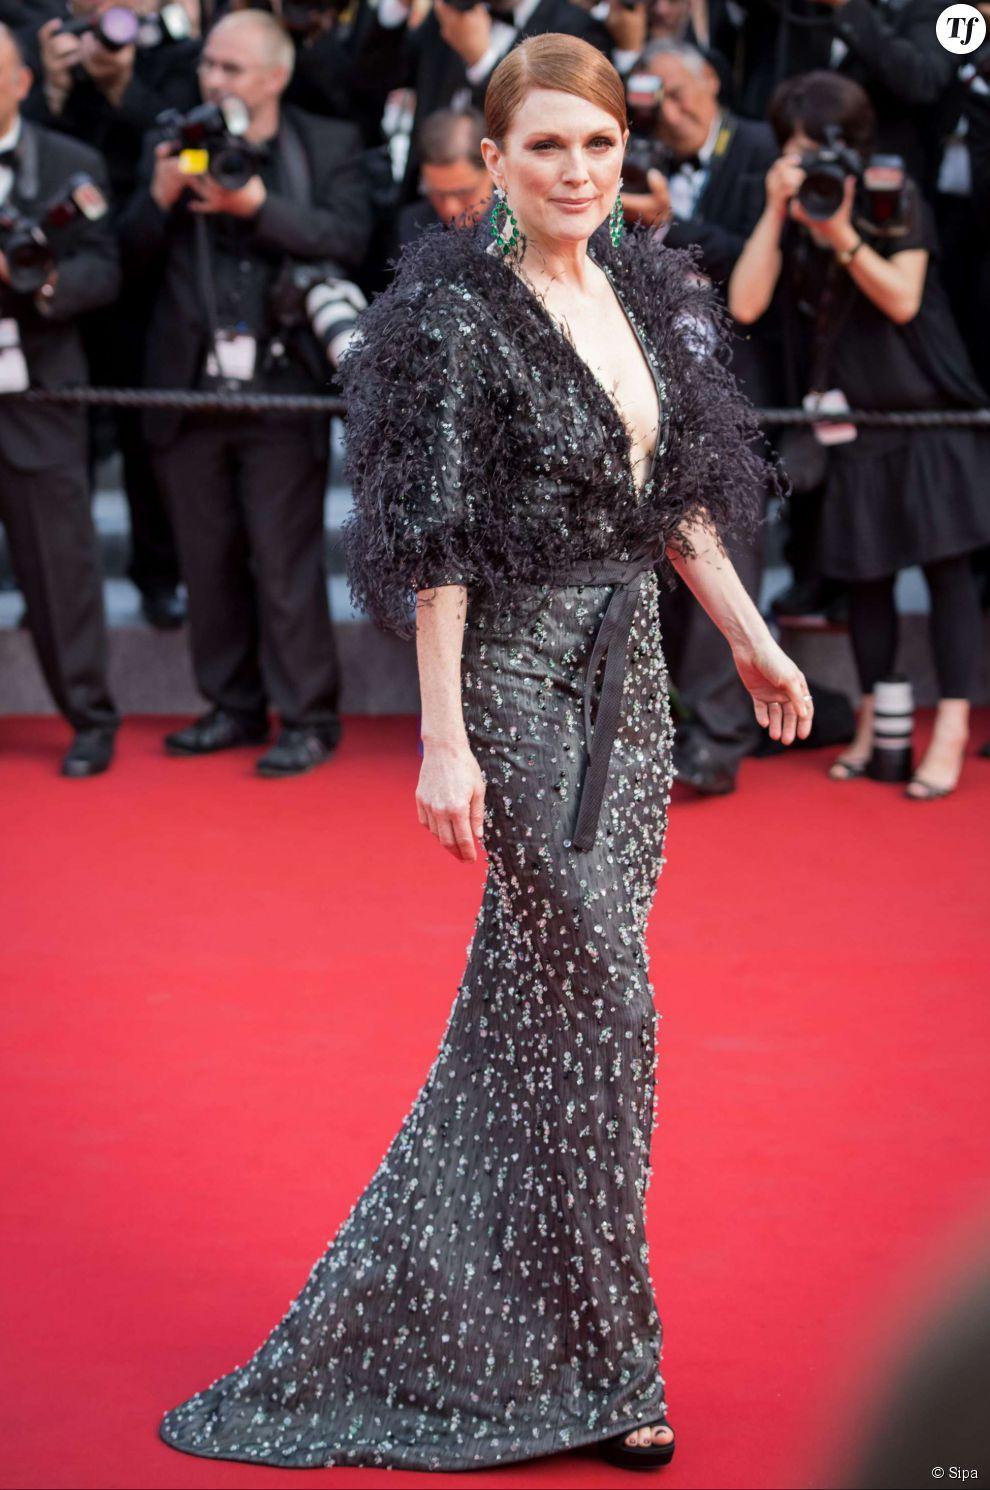 Julianne Moore sur le tapis rouge de la cérémonie d'ouverture du Festival de Cannes 2015